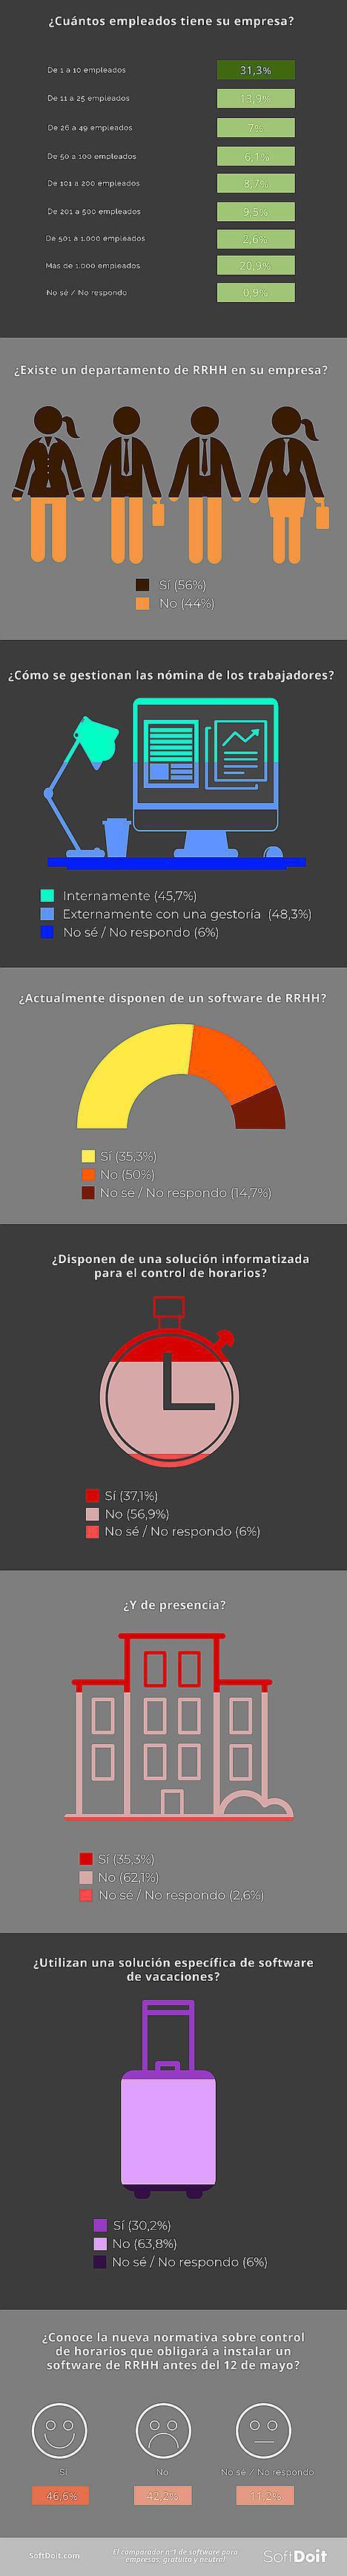 En España, sólo 1 de cada 3 empresas cumplen con el decreto ley de control de horario de sus plantillas